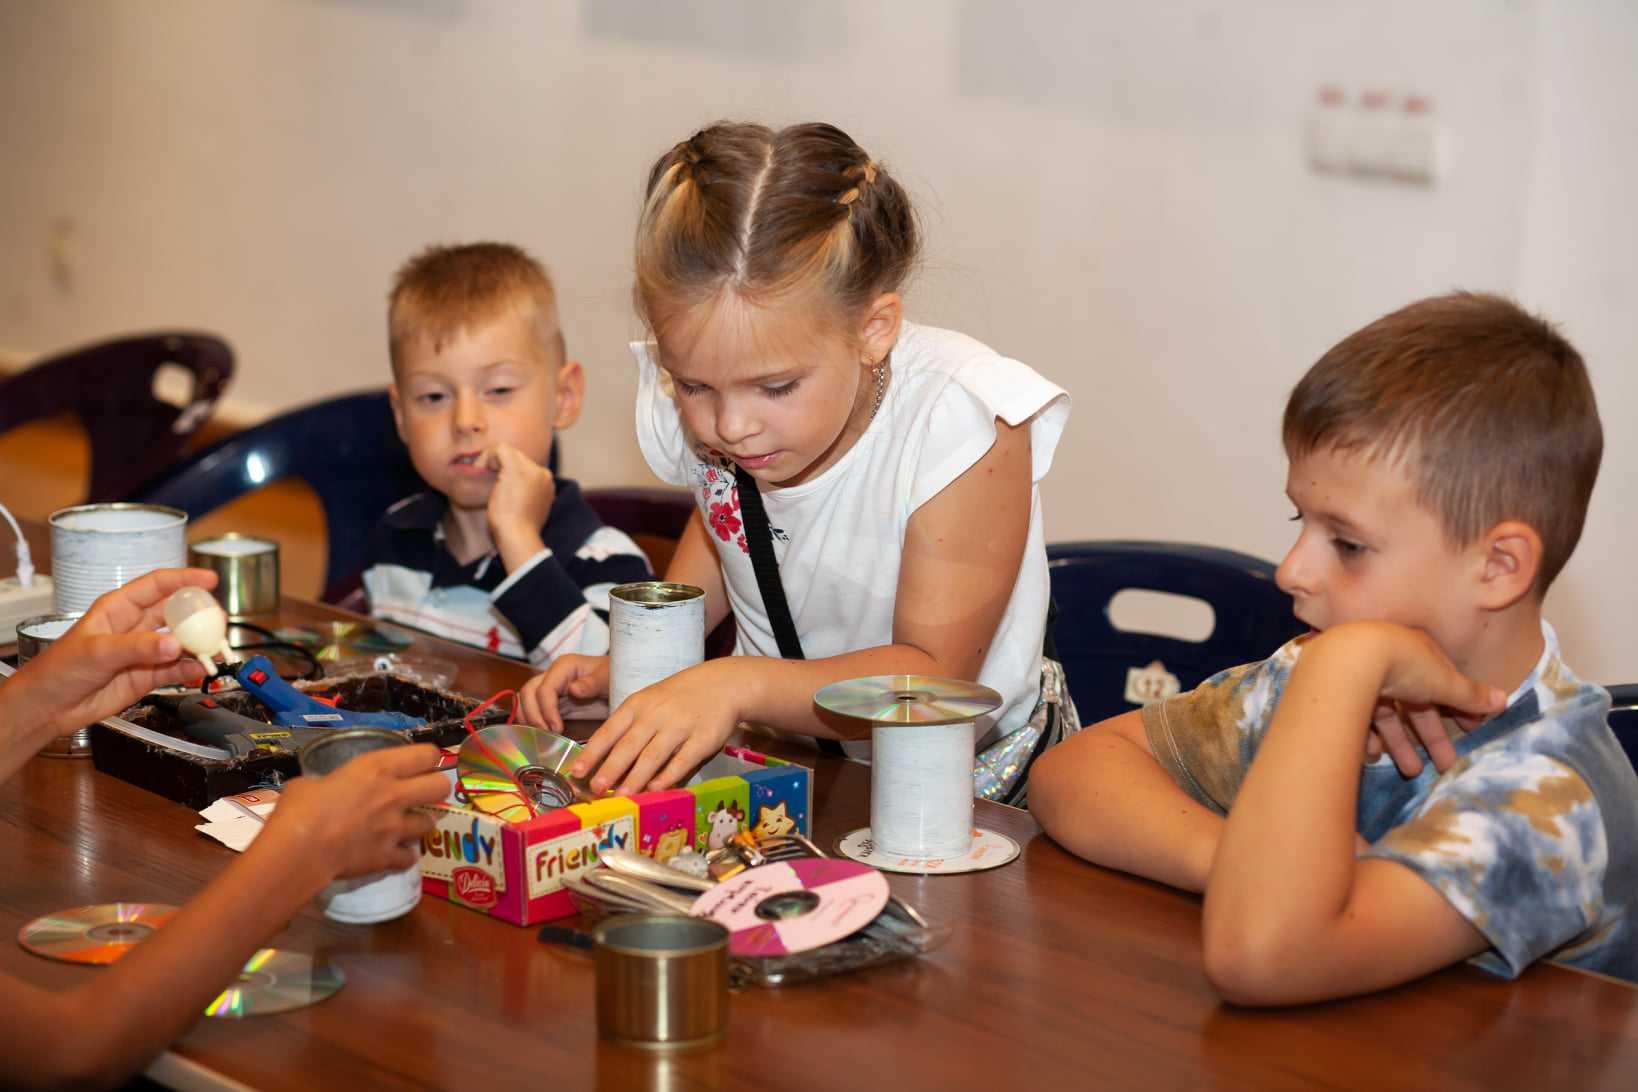 240498262 336686788193684 7451762433418890853 n - Федорчак Марія: У нашій майстерні, ми допомагаємо створювати казки та магію за допомогою майстрів і дітей